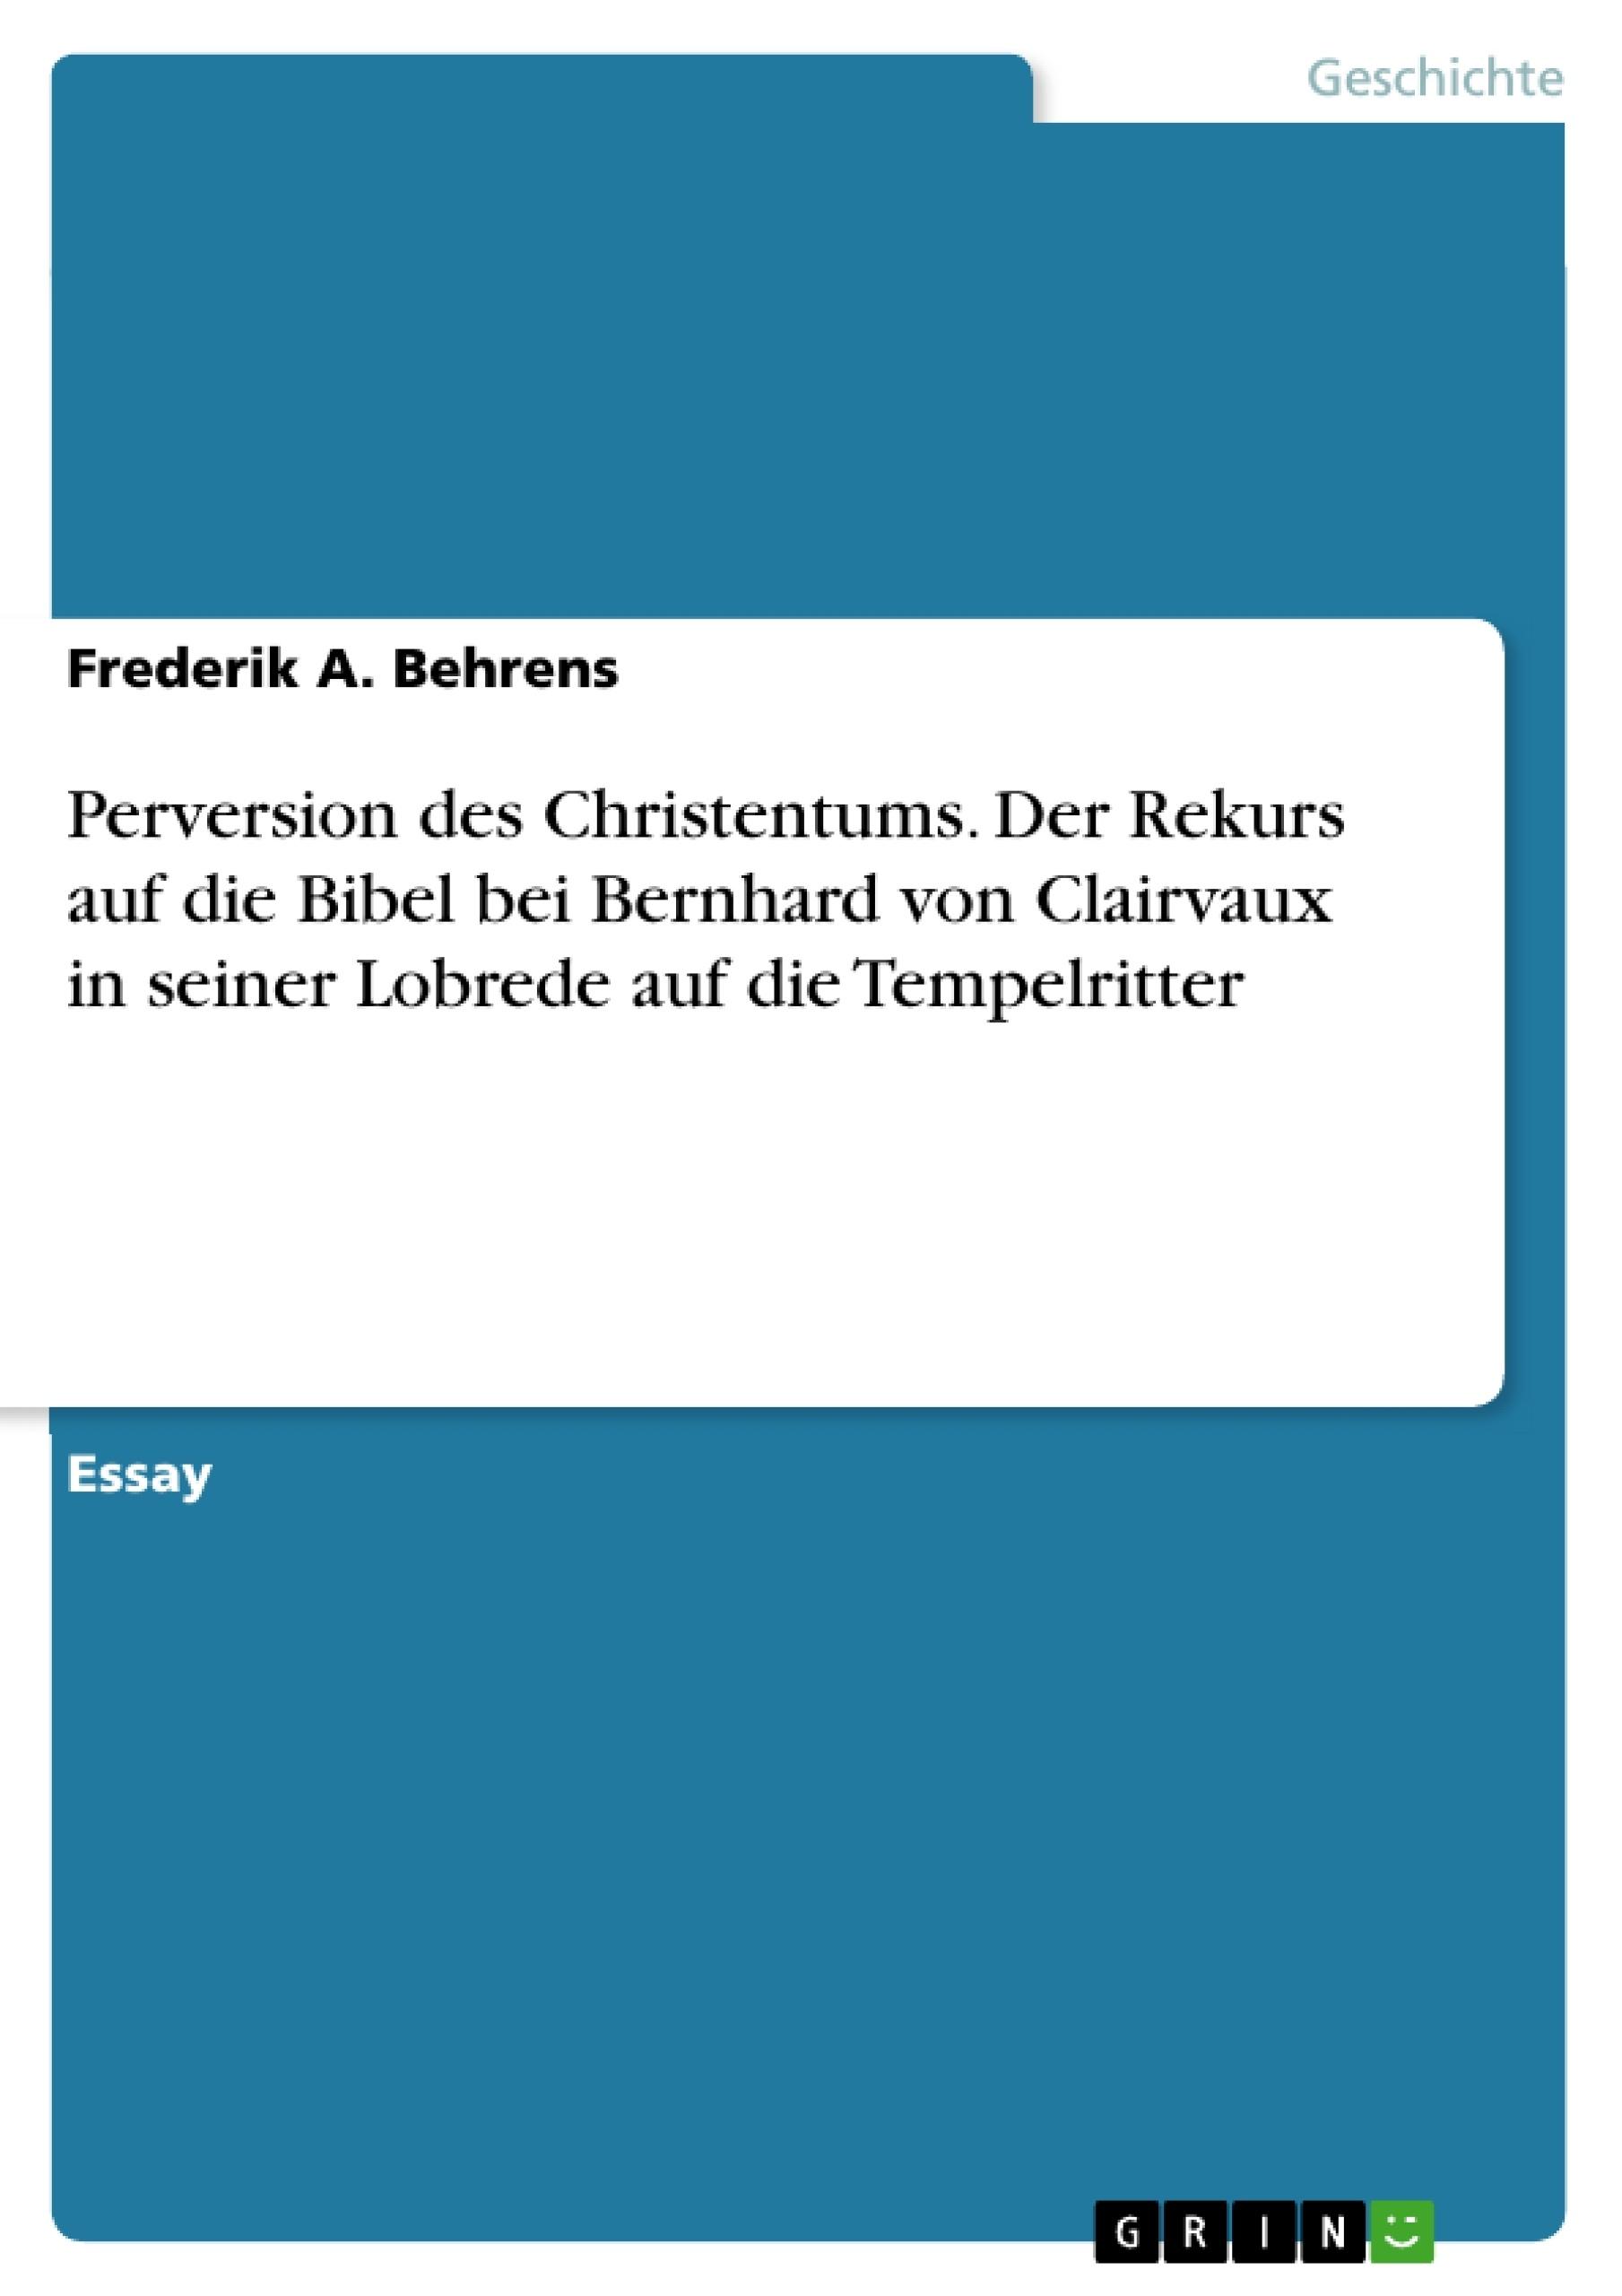 Titel: Perversion des Christentums. Der Rekurs auf die Bibel bei Bernhard von Clairvaux in seiner Lobrede auf die Tempelritter